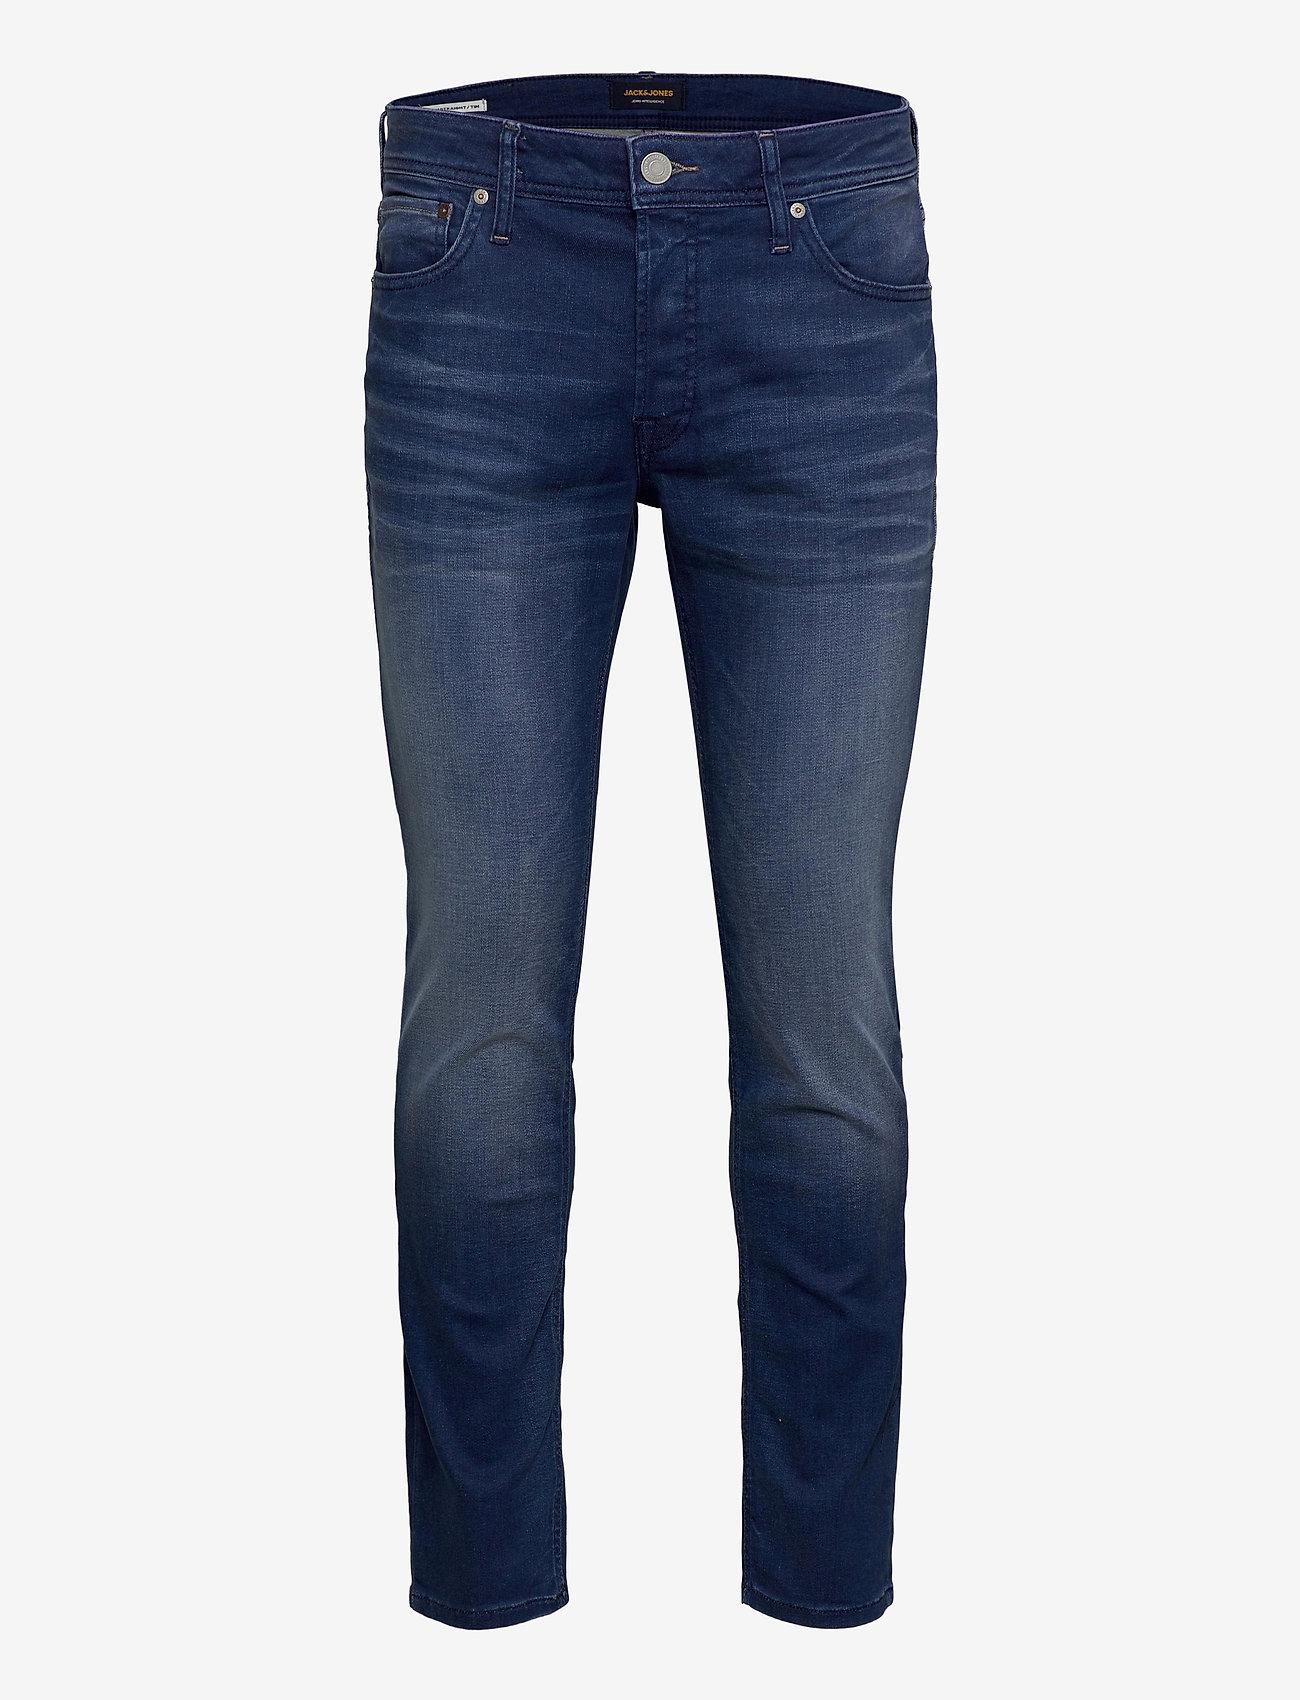 Jack & Jones - JJITIM JJORIGINAL JOS 519 NOOS - slim jeans - blue denim - 0